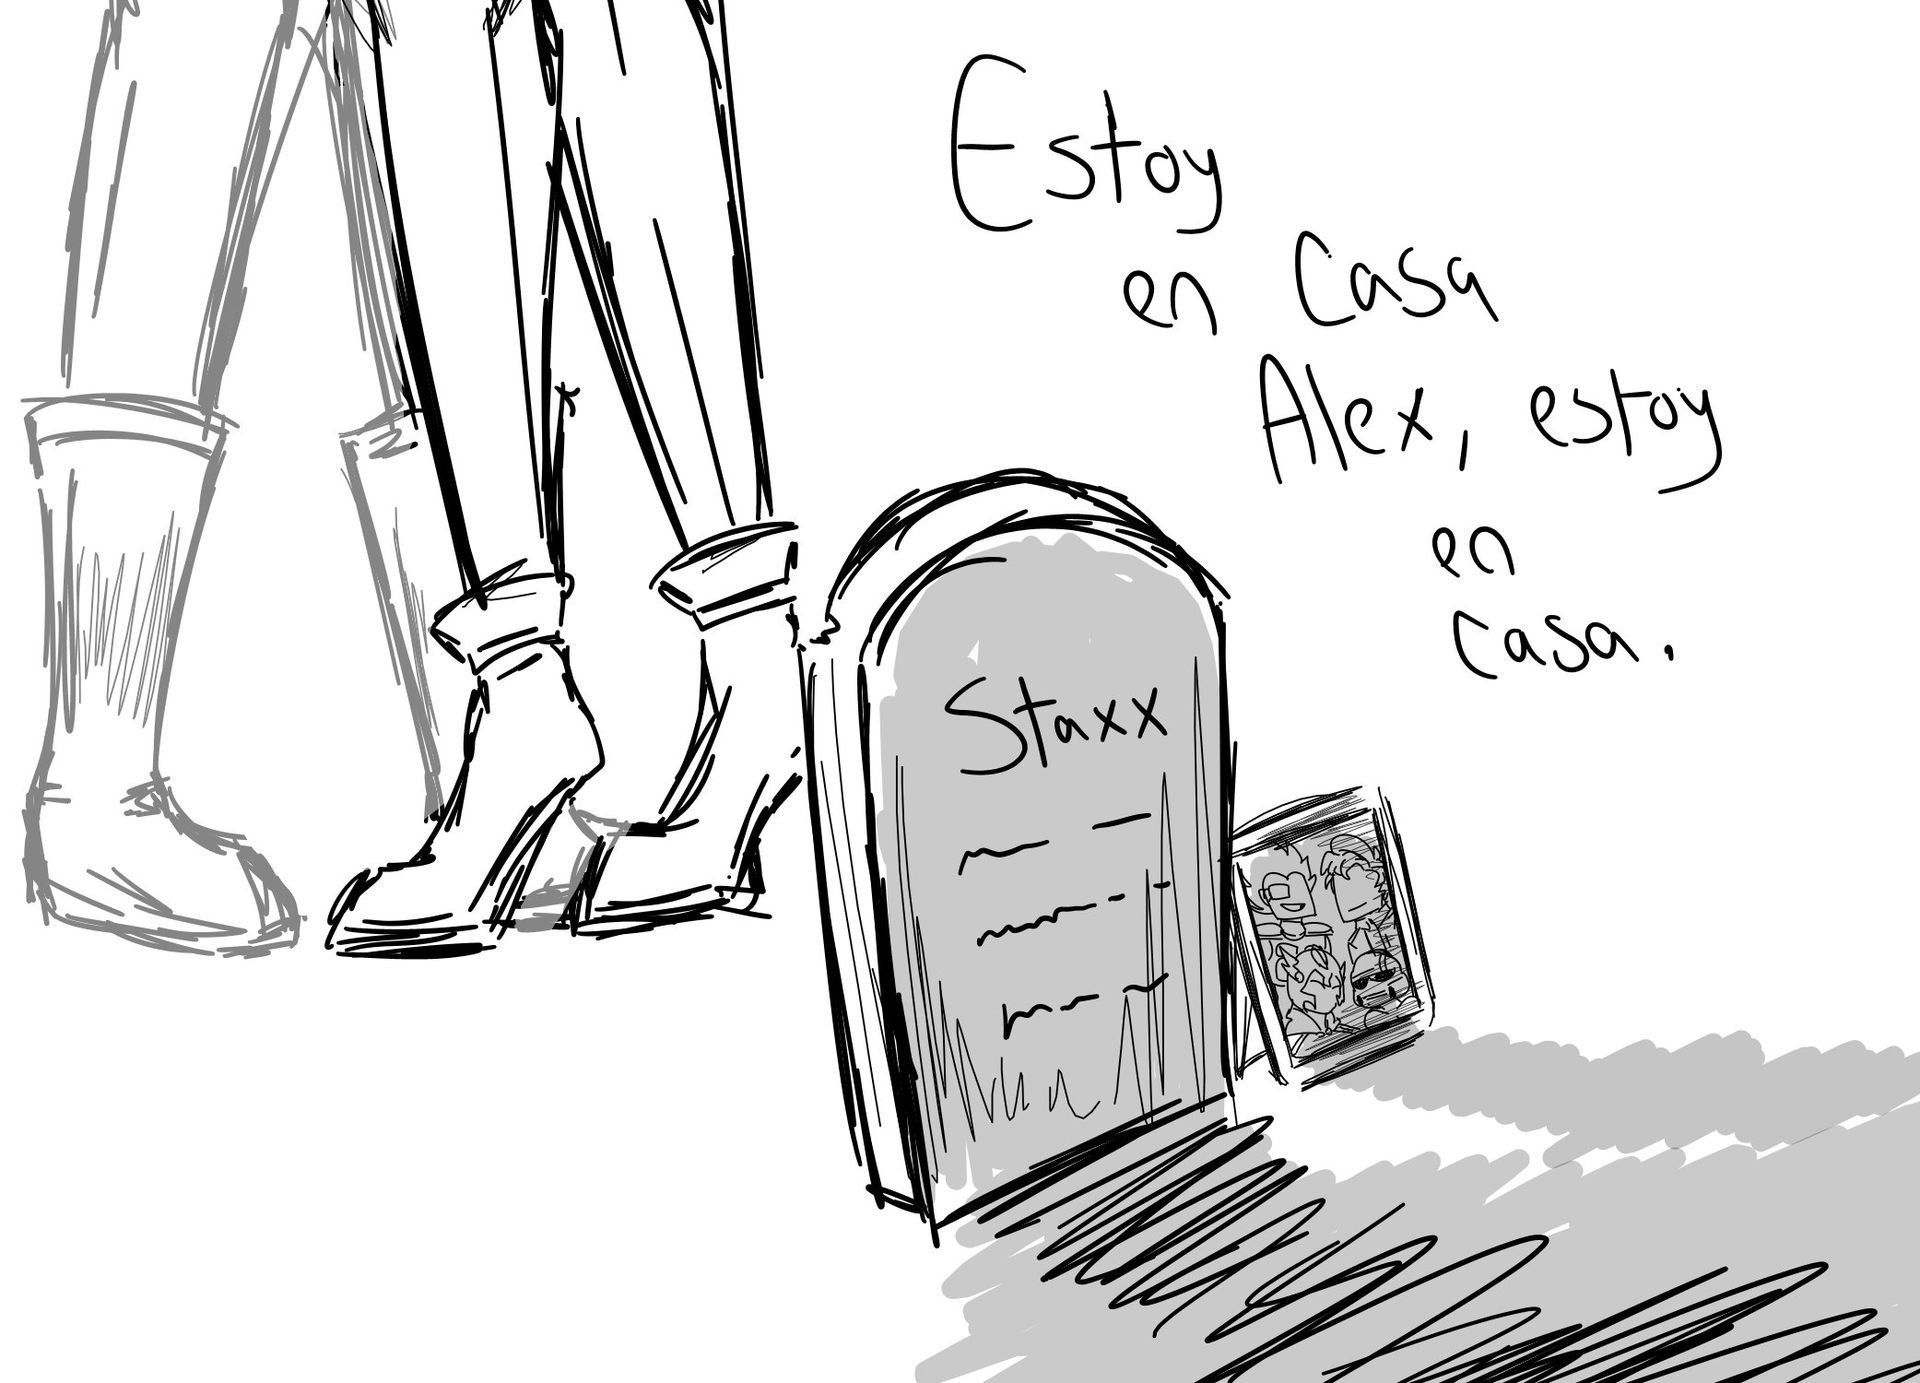 comics de karmaland en 2020 Staxx, Cómics, Alexby11